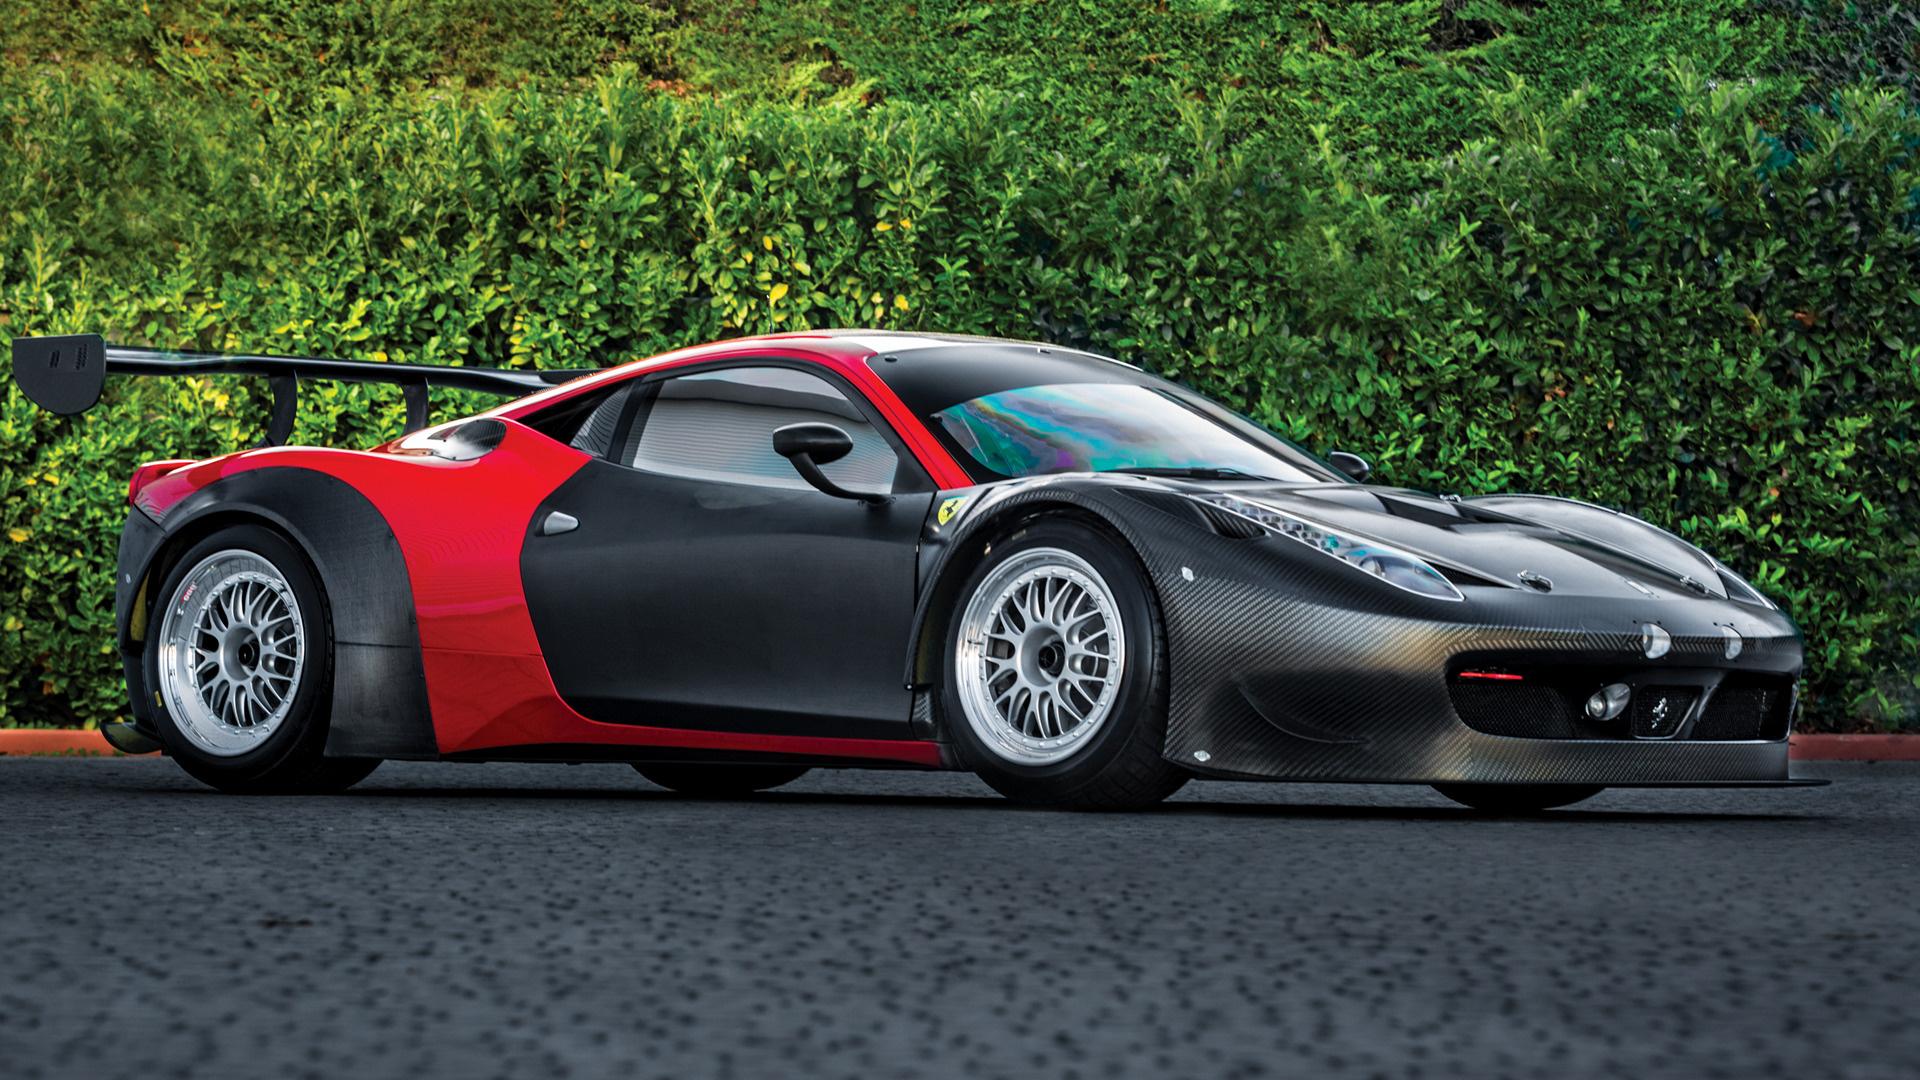 2012 Ferrari 458 Italia Gtd Fondos De Pantalla E Imágenes